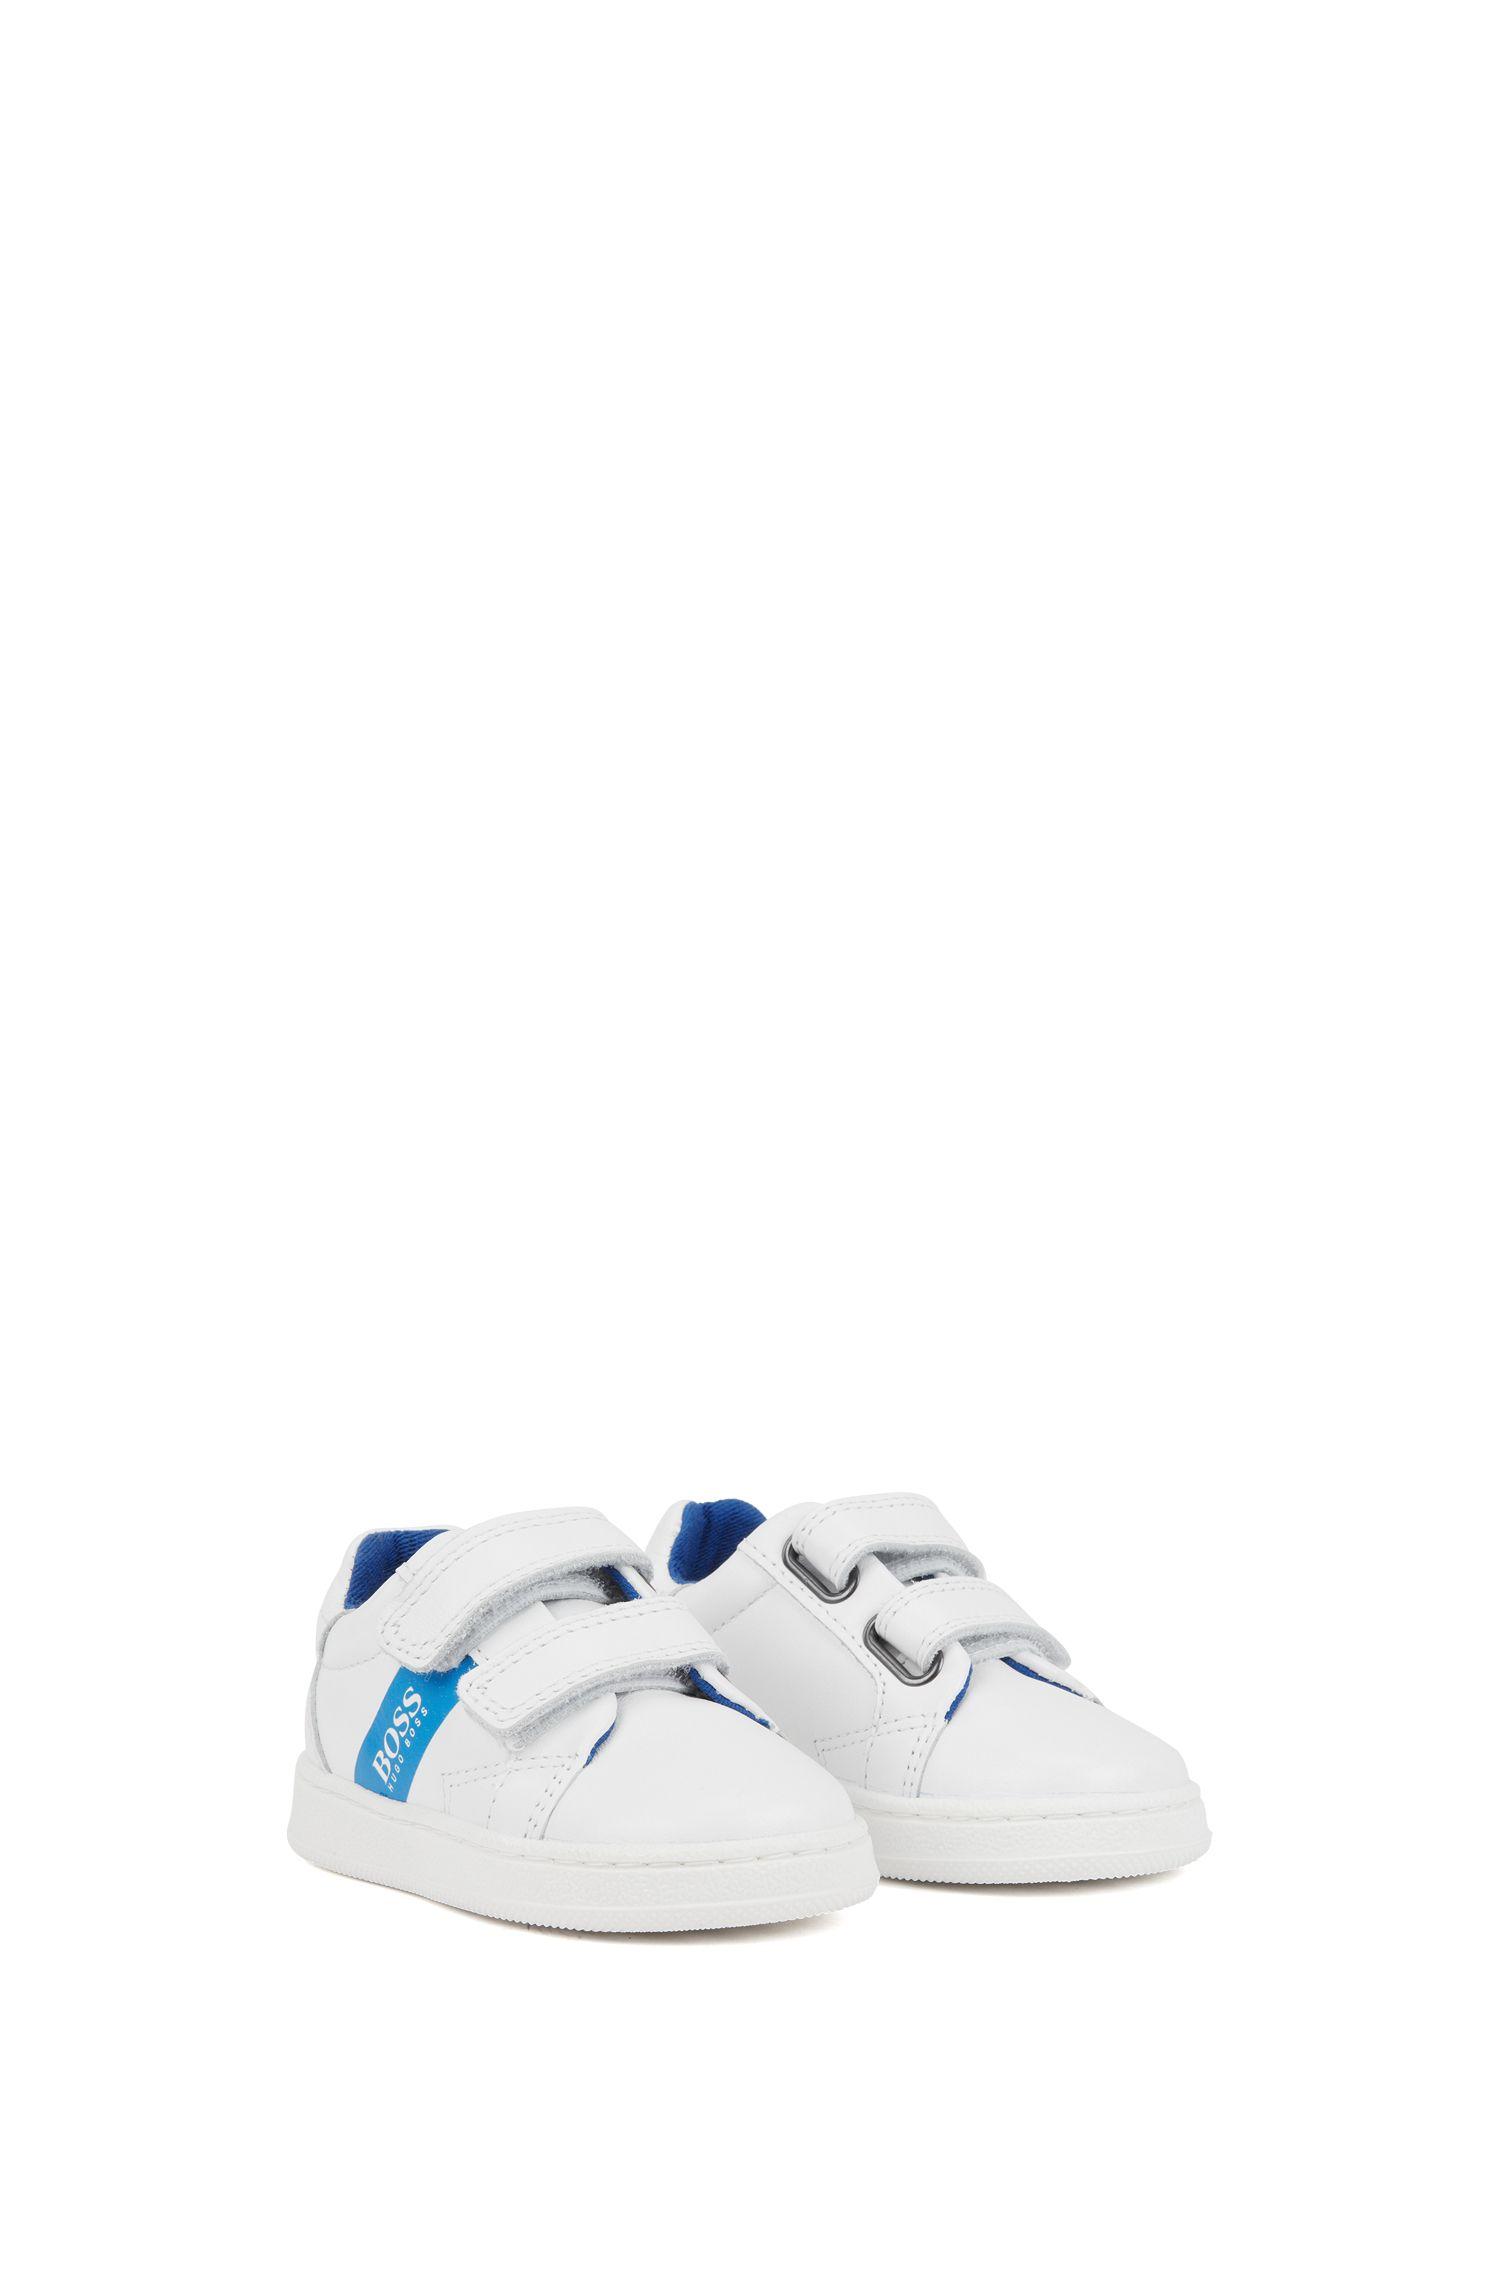 Kids-Sneakers aus Leder mit kontrastfarbenem Logo-Streifen, Weiß